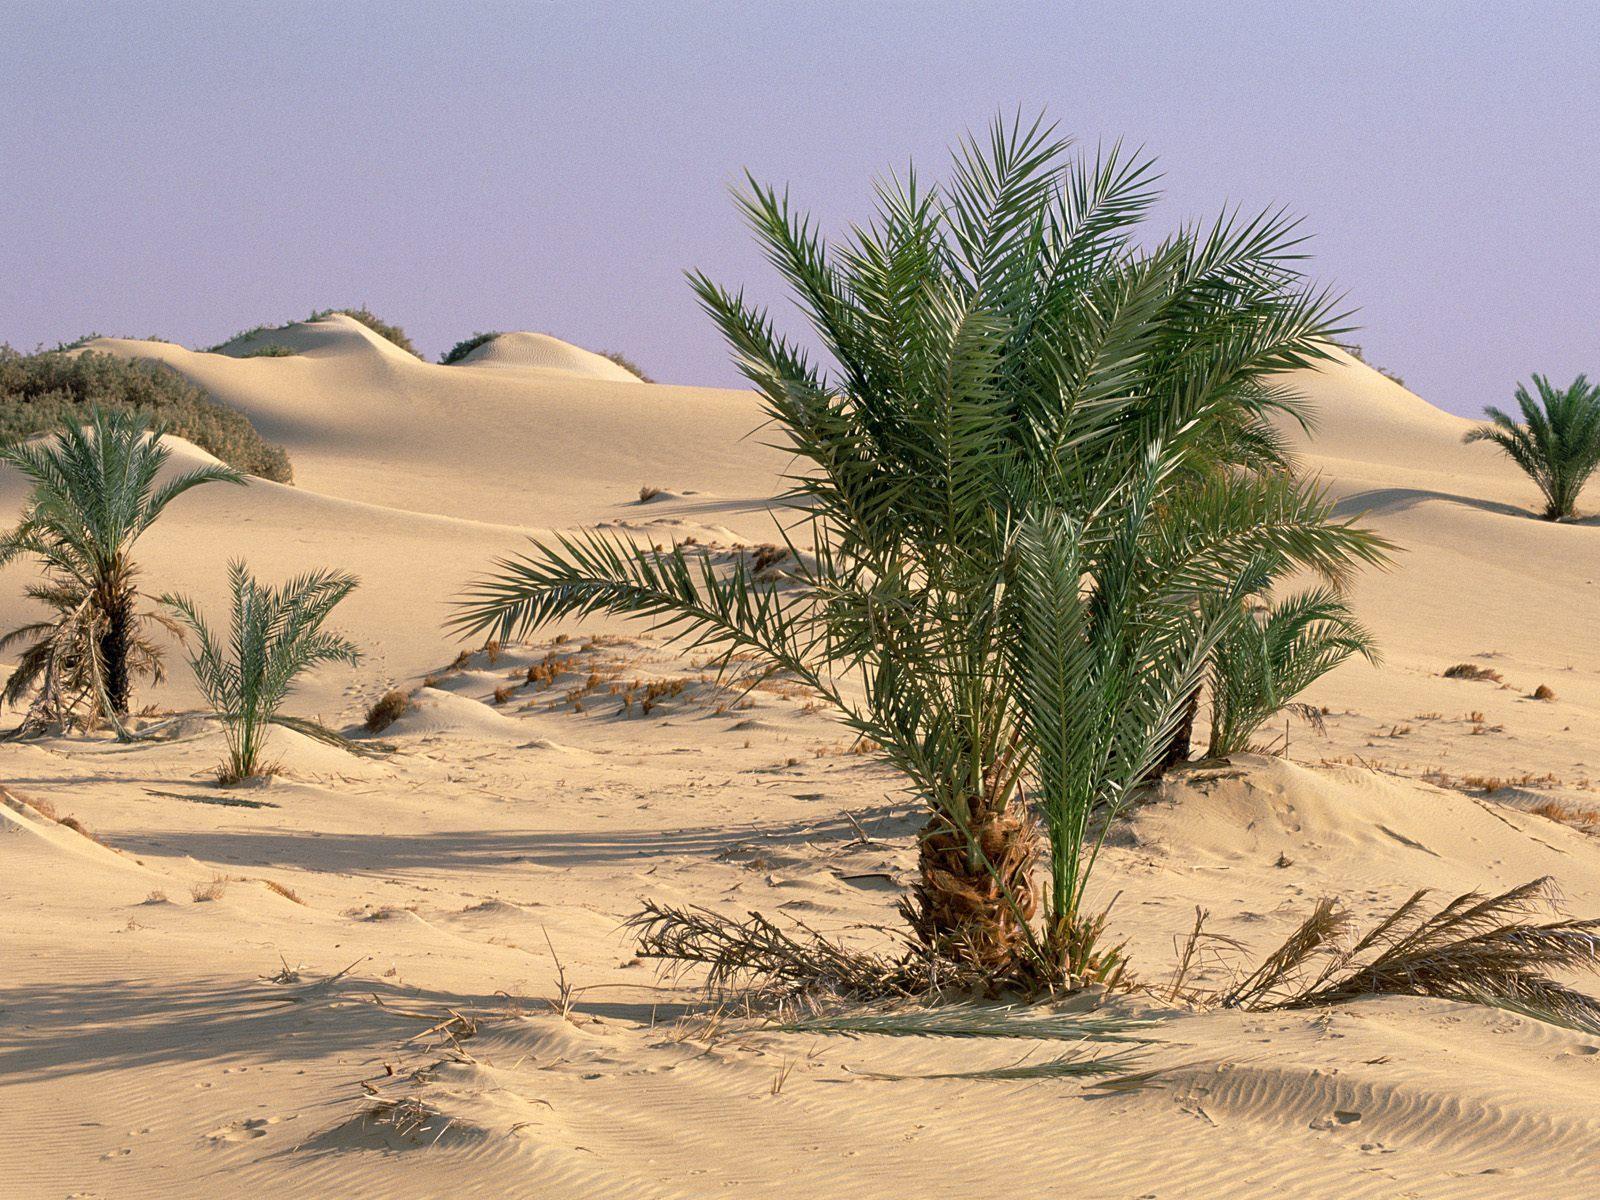 11152 скачать обои Растения, Песок, Пустыня, Кусты - заставки и картинки бесплатно